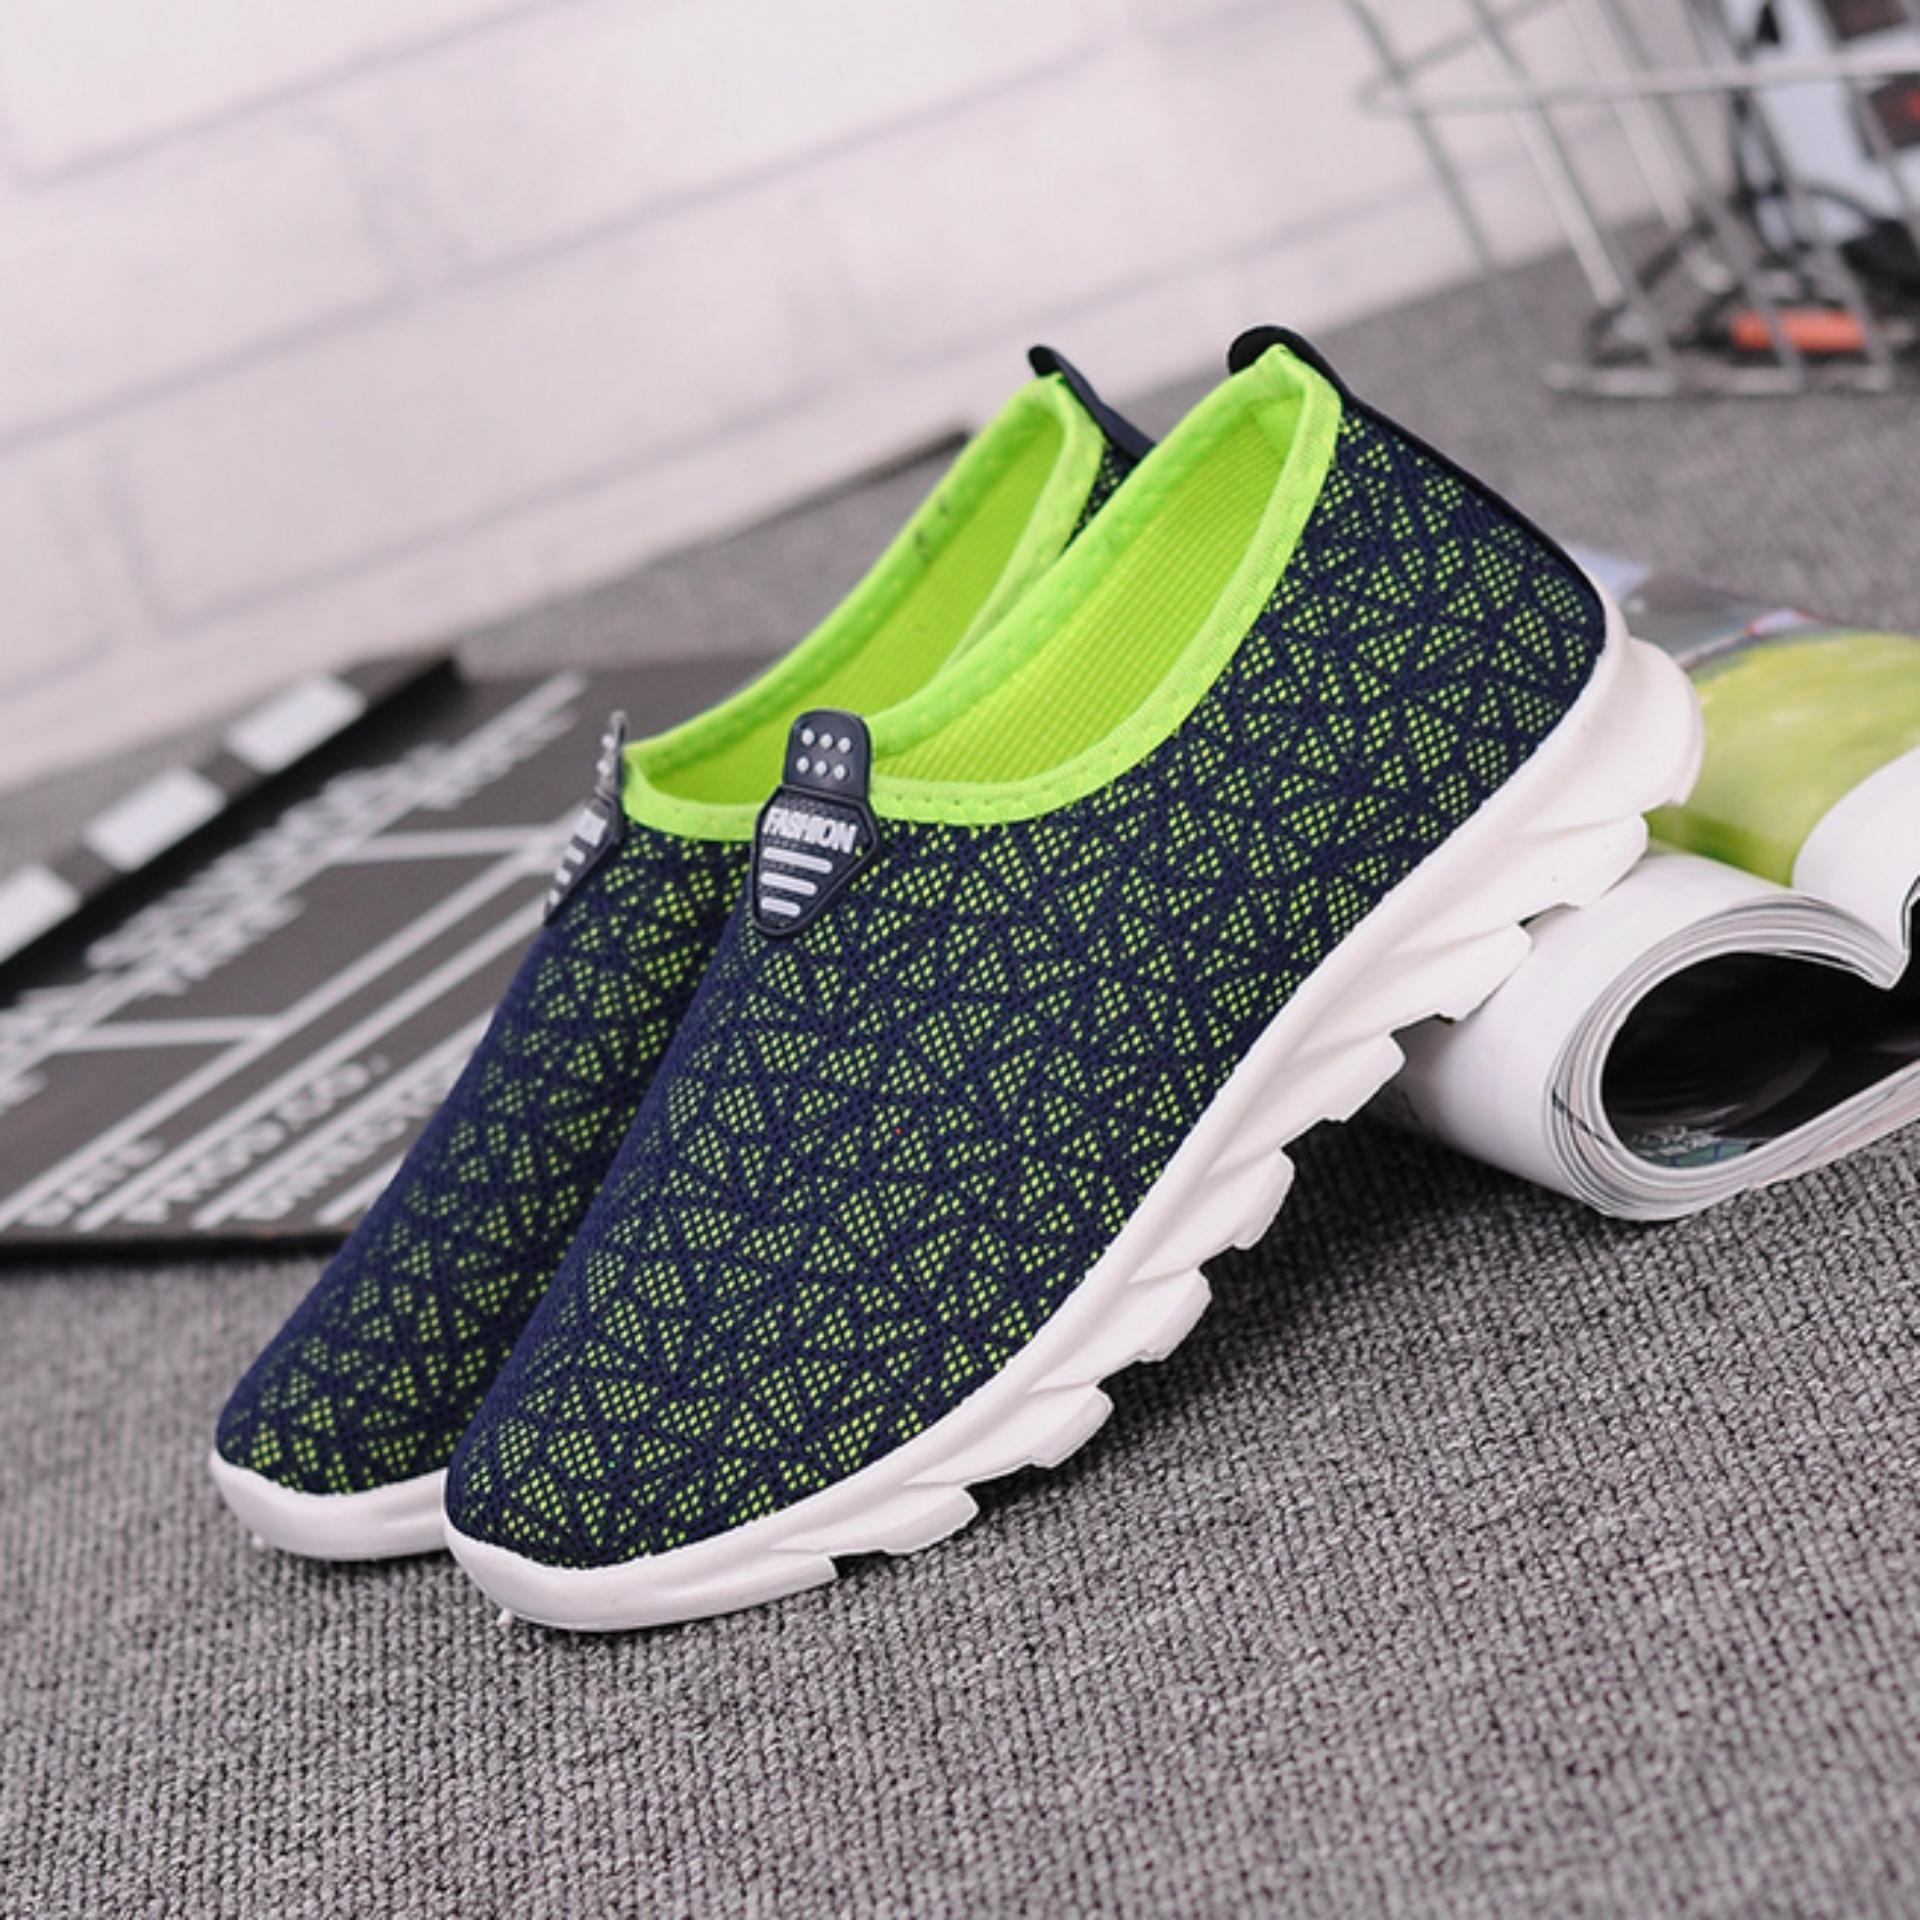 Promo Sepatu Pria Wanita - Korea style - Biru Tua